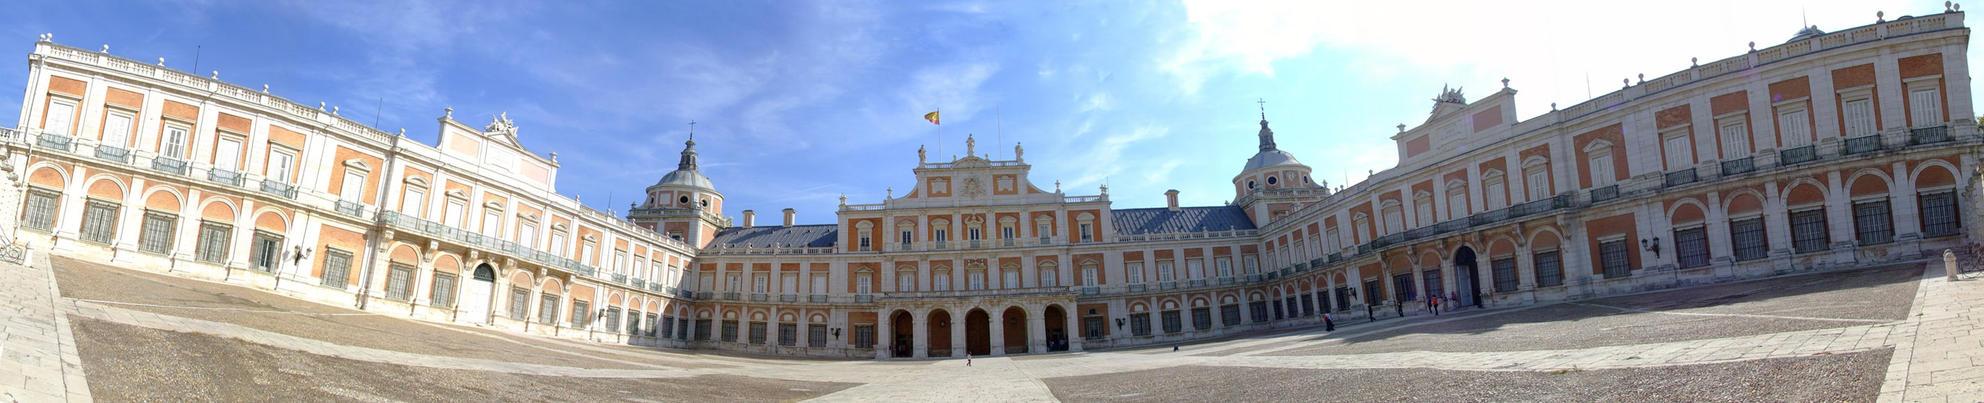 Panoramica - Palacio aranjuez by Rob-XIII